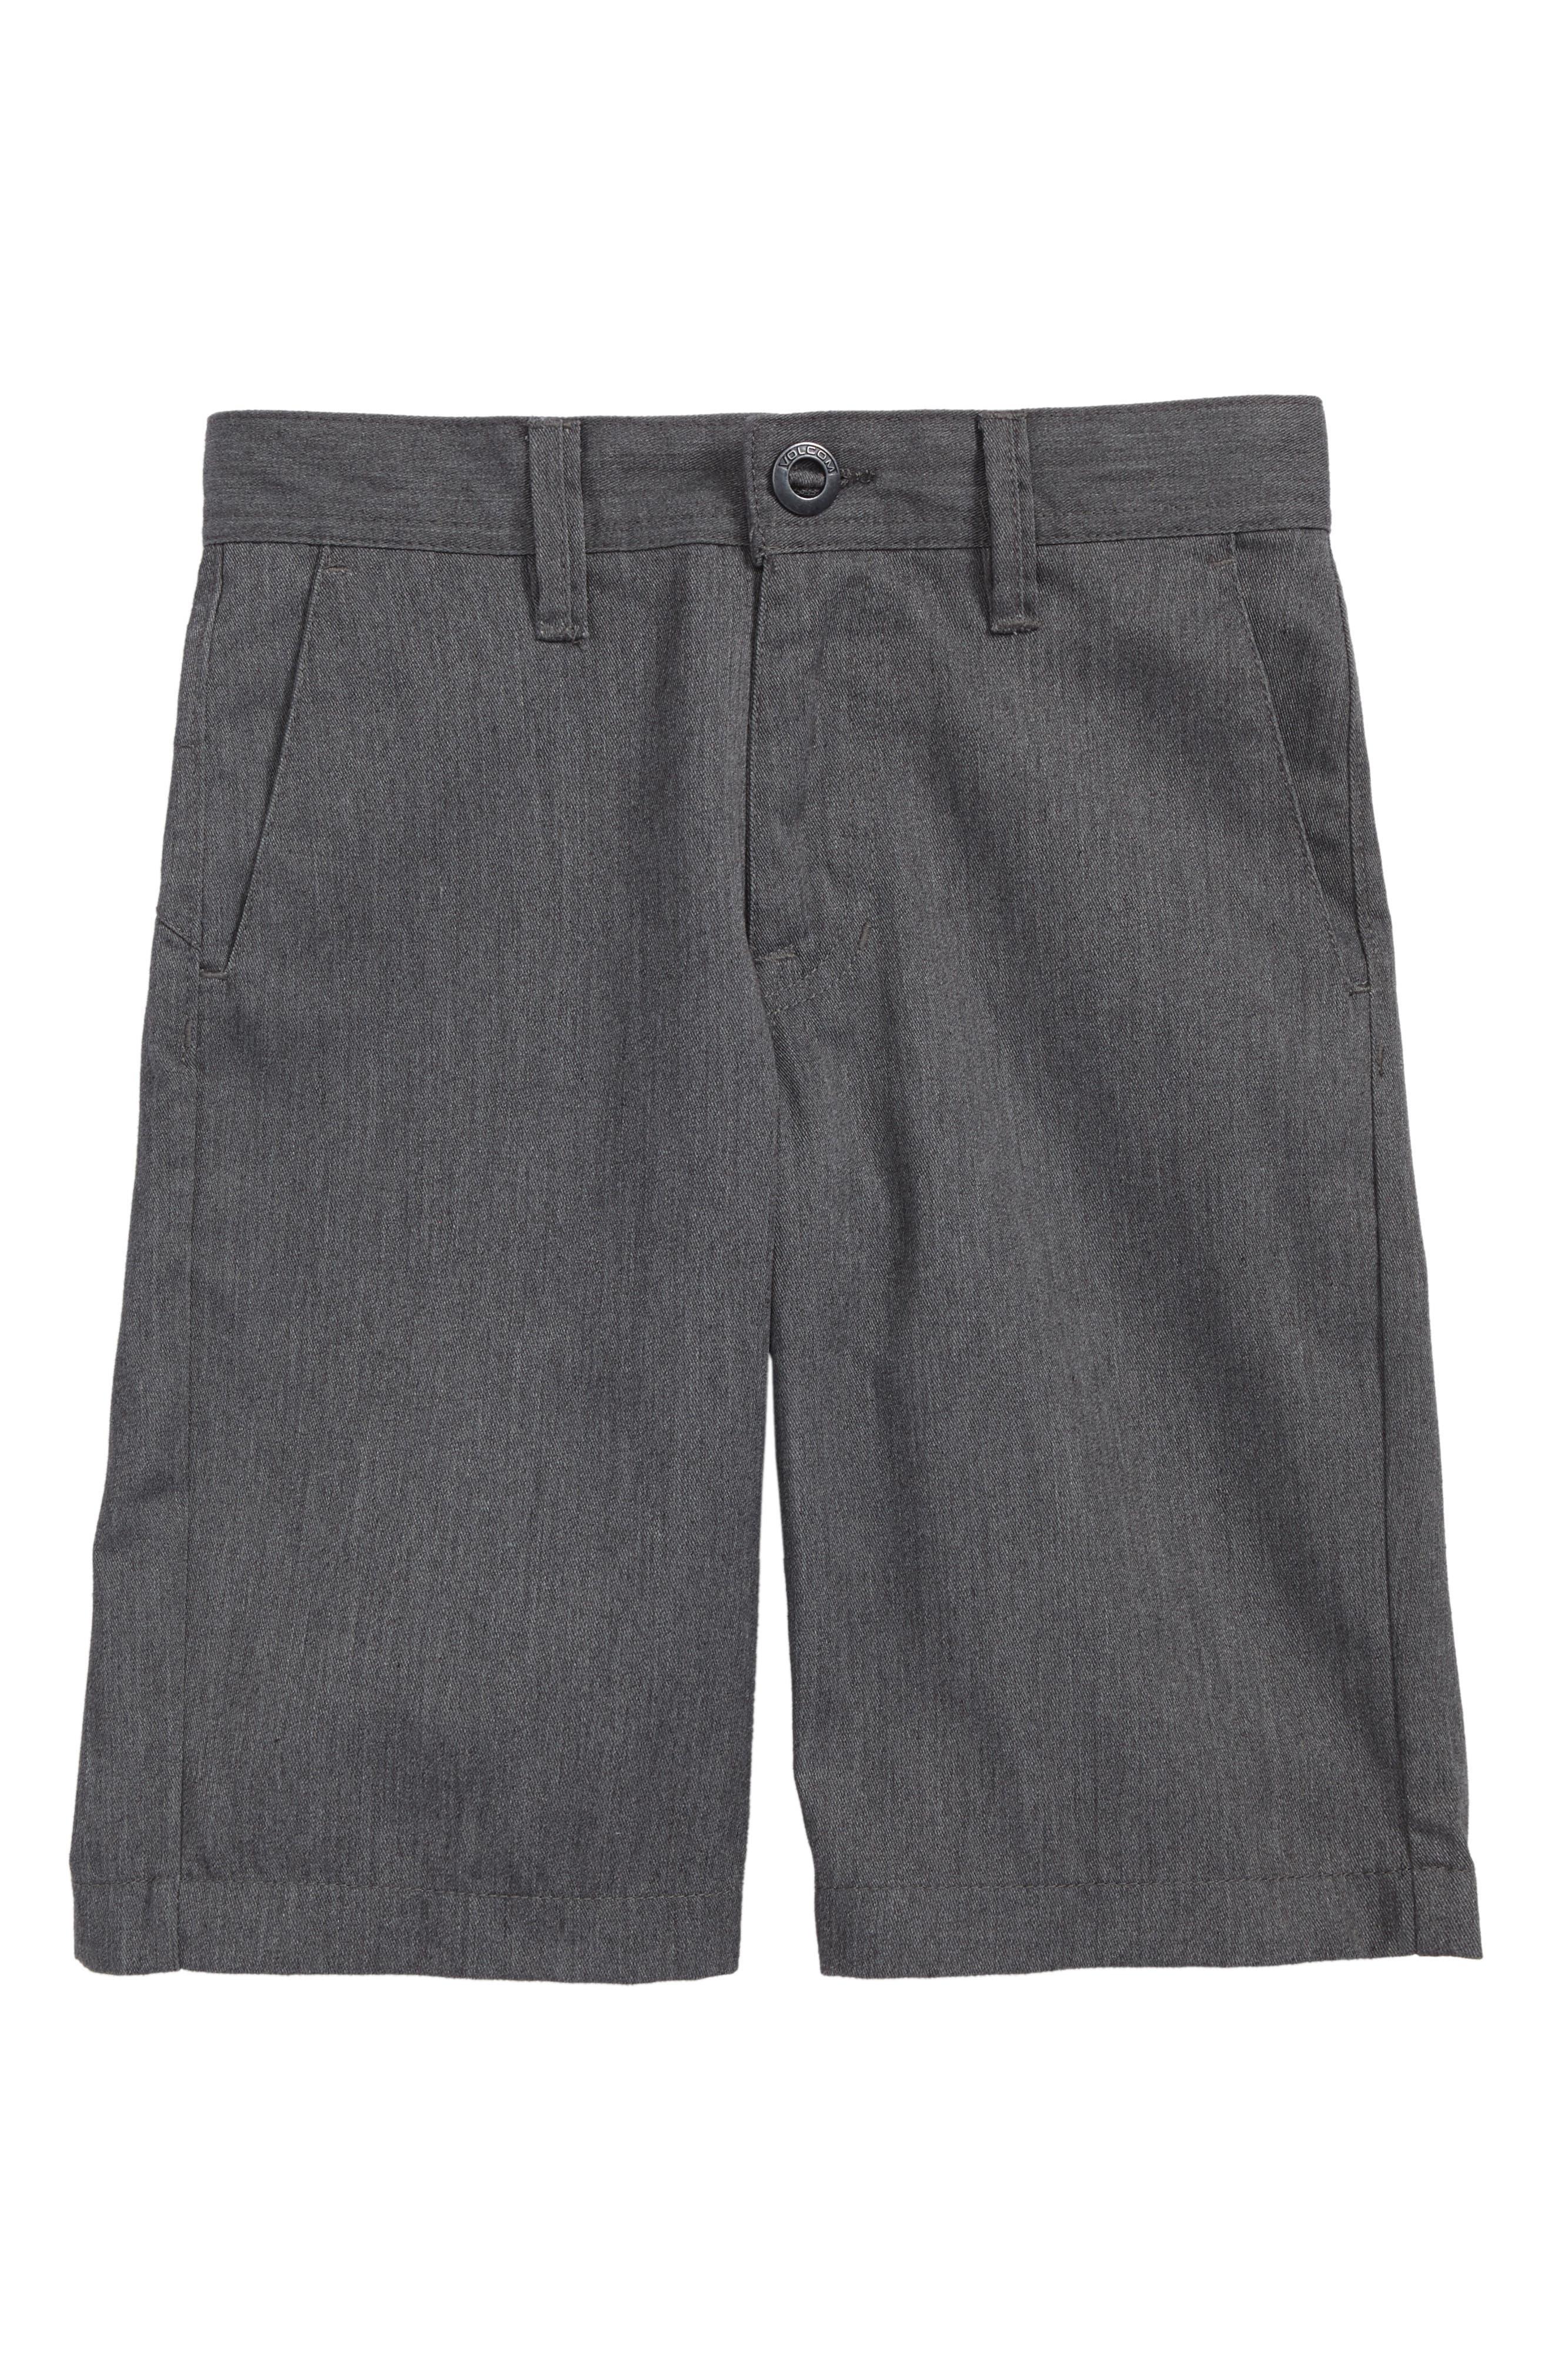 Chino Shorts,                             Main thumbnail 1, color,                             CHARCOAL HEATHER